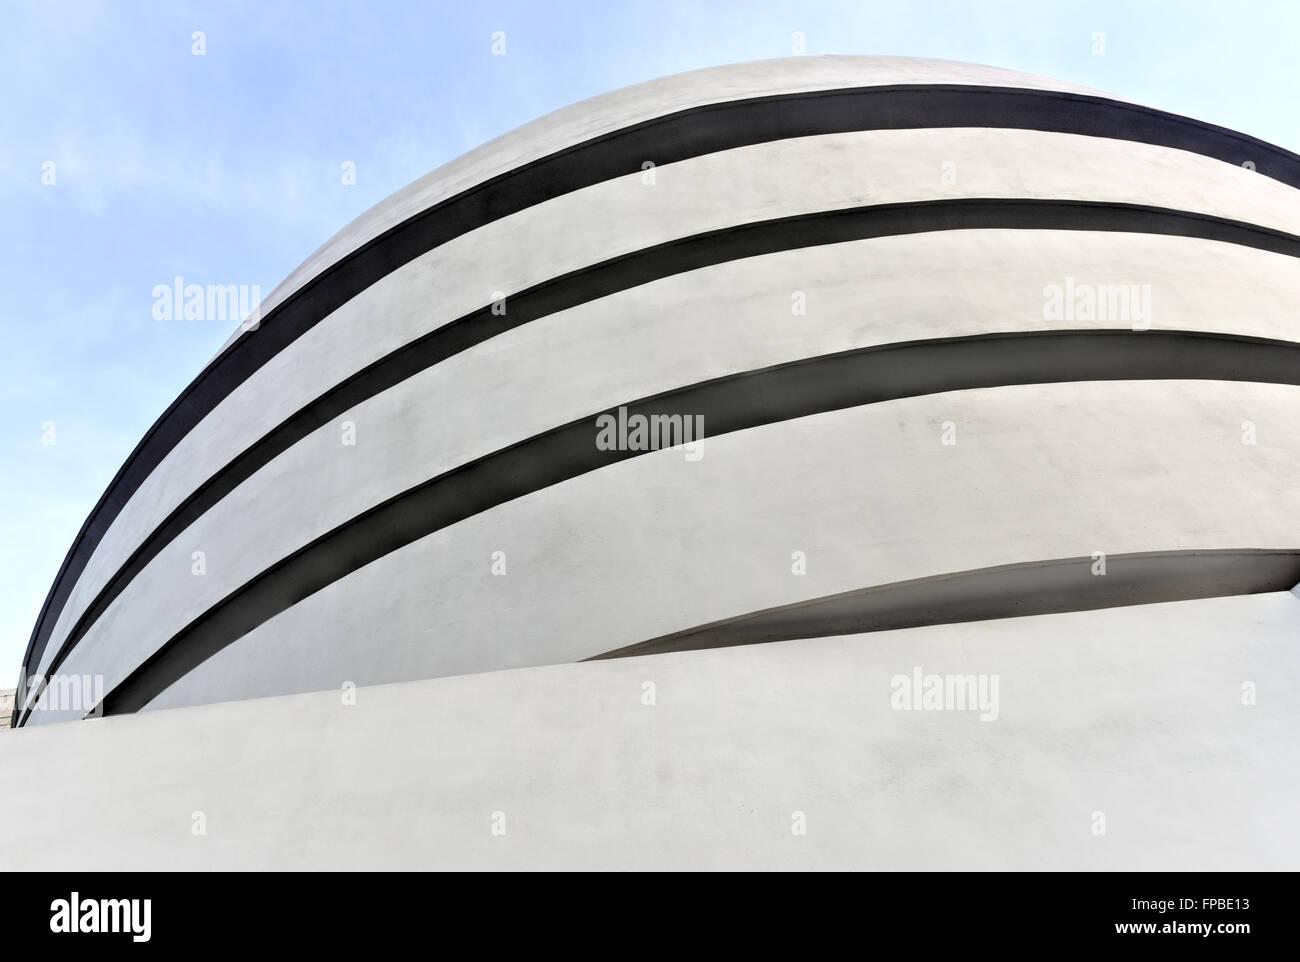 La Ciudad de Nueva York - 31 de enero de 2016: La famosa Solomon R. Guggenheim Museum de arte moderno y contemporáneo en la Ciudad de Nueva York, EE.UU. Foto de stock